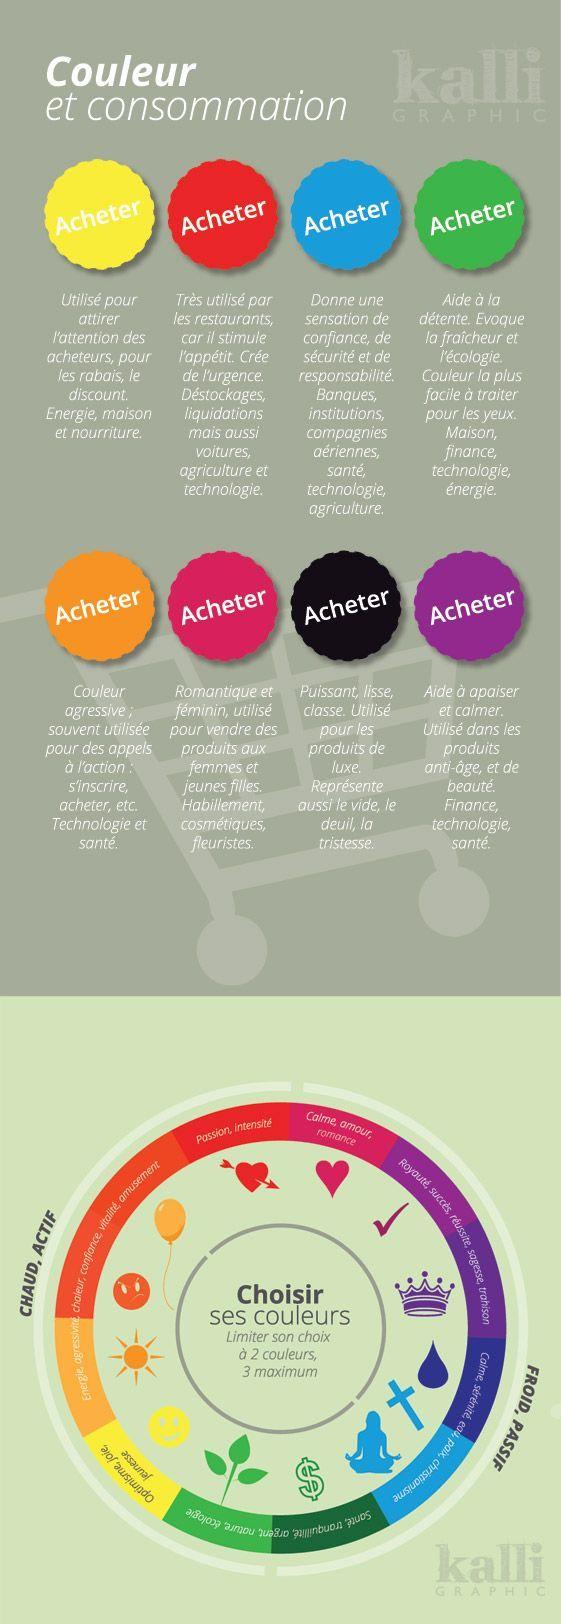 Psychology infographic and charts Quelles couleurs choisir ? Symbolique et marketing – Kalli Graphic – Flora Ambrosini // Publicité et Communication Infographic Description choisir couleurs signification symbolique - #Psychologyinfographics